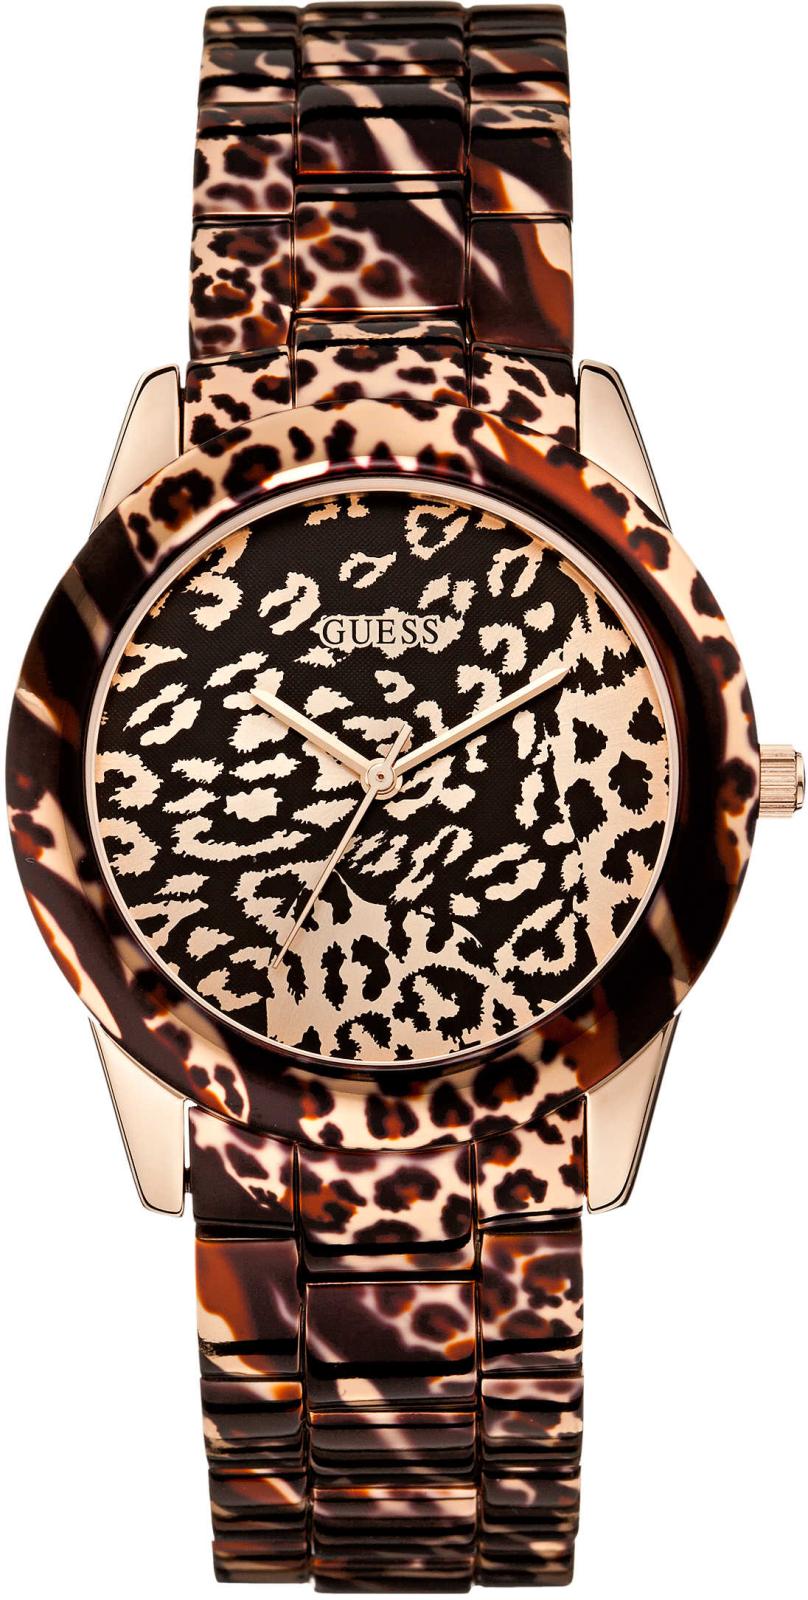 Guess Vixen W0425L3Наручные часы<br>Американские часы Guess Vixen W0425L3<br><br>Для кого?: Женские<br>Страна-производитель: США<br>Механизм: Кварцевый<br>Материал корпуса: Сталь<br>Материал ремня/браслета: Сталь<br>Водозащита, диапазон: 20 - 100 м<br>Стекло: Минеральное<br>Толщина корпуса: 10 мм<br>Стиль: Мода